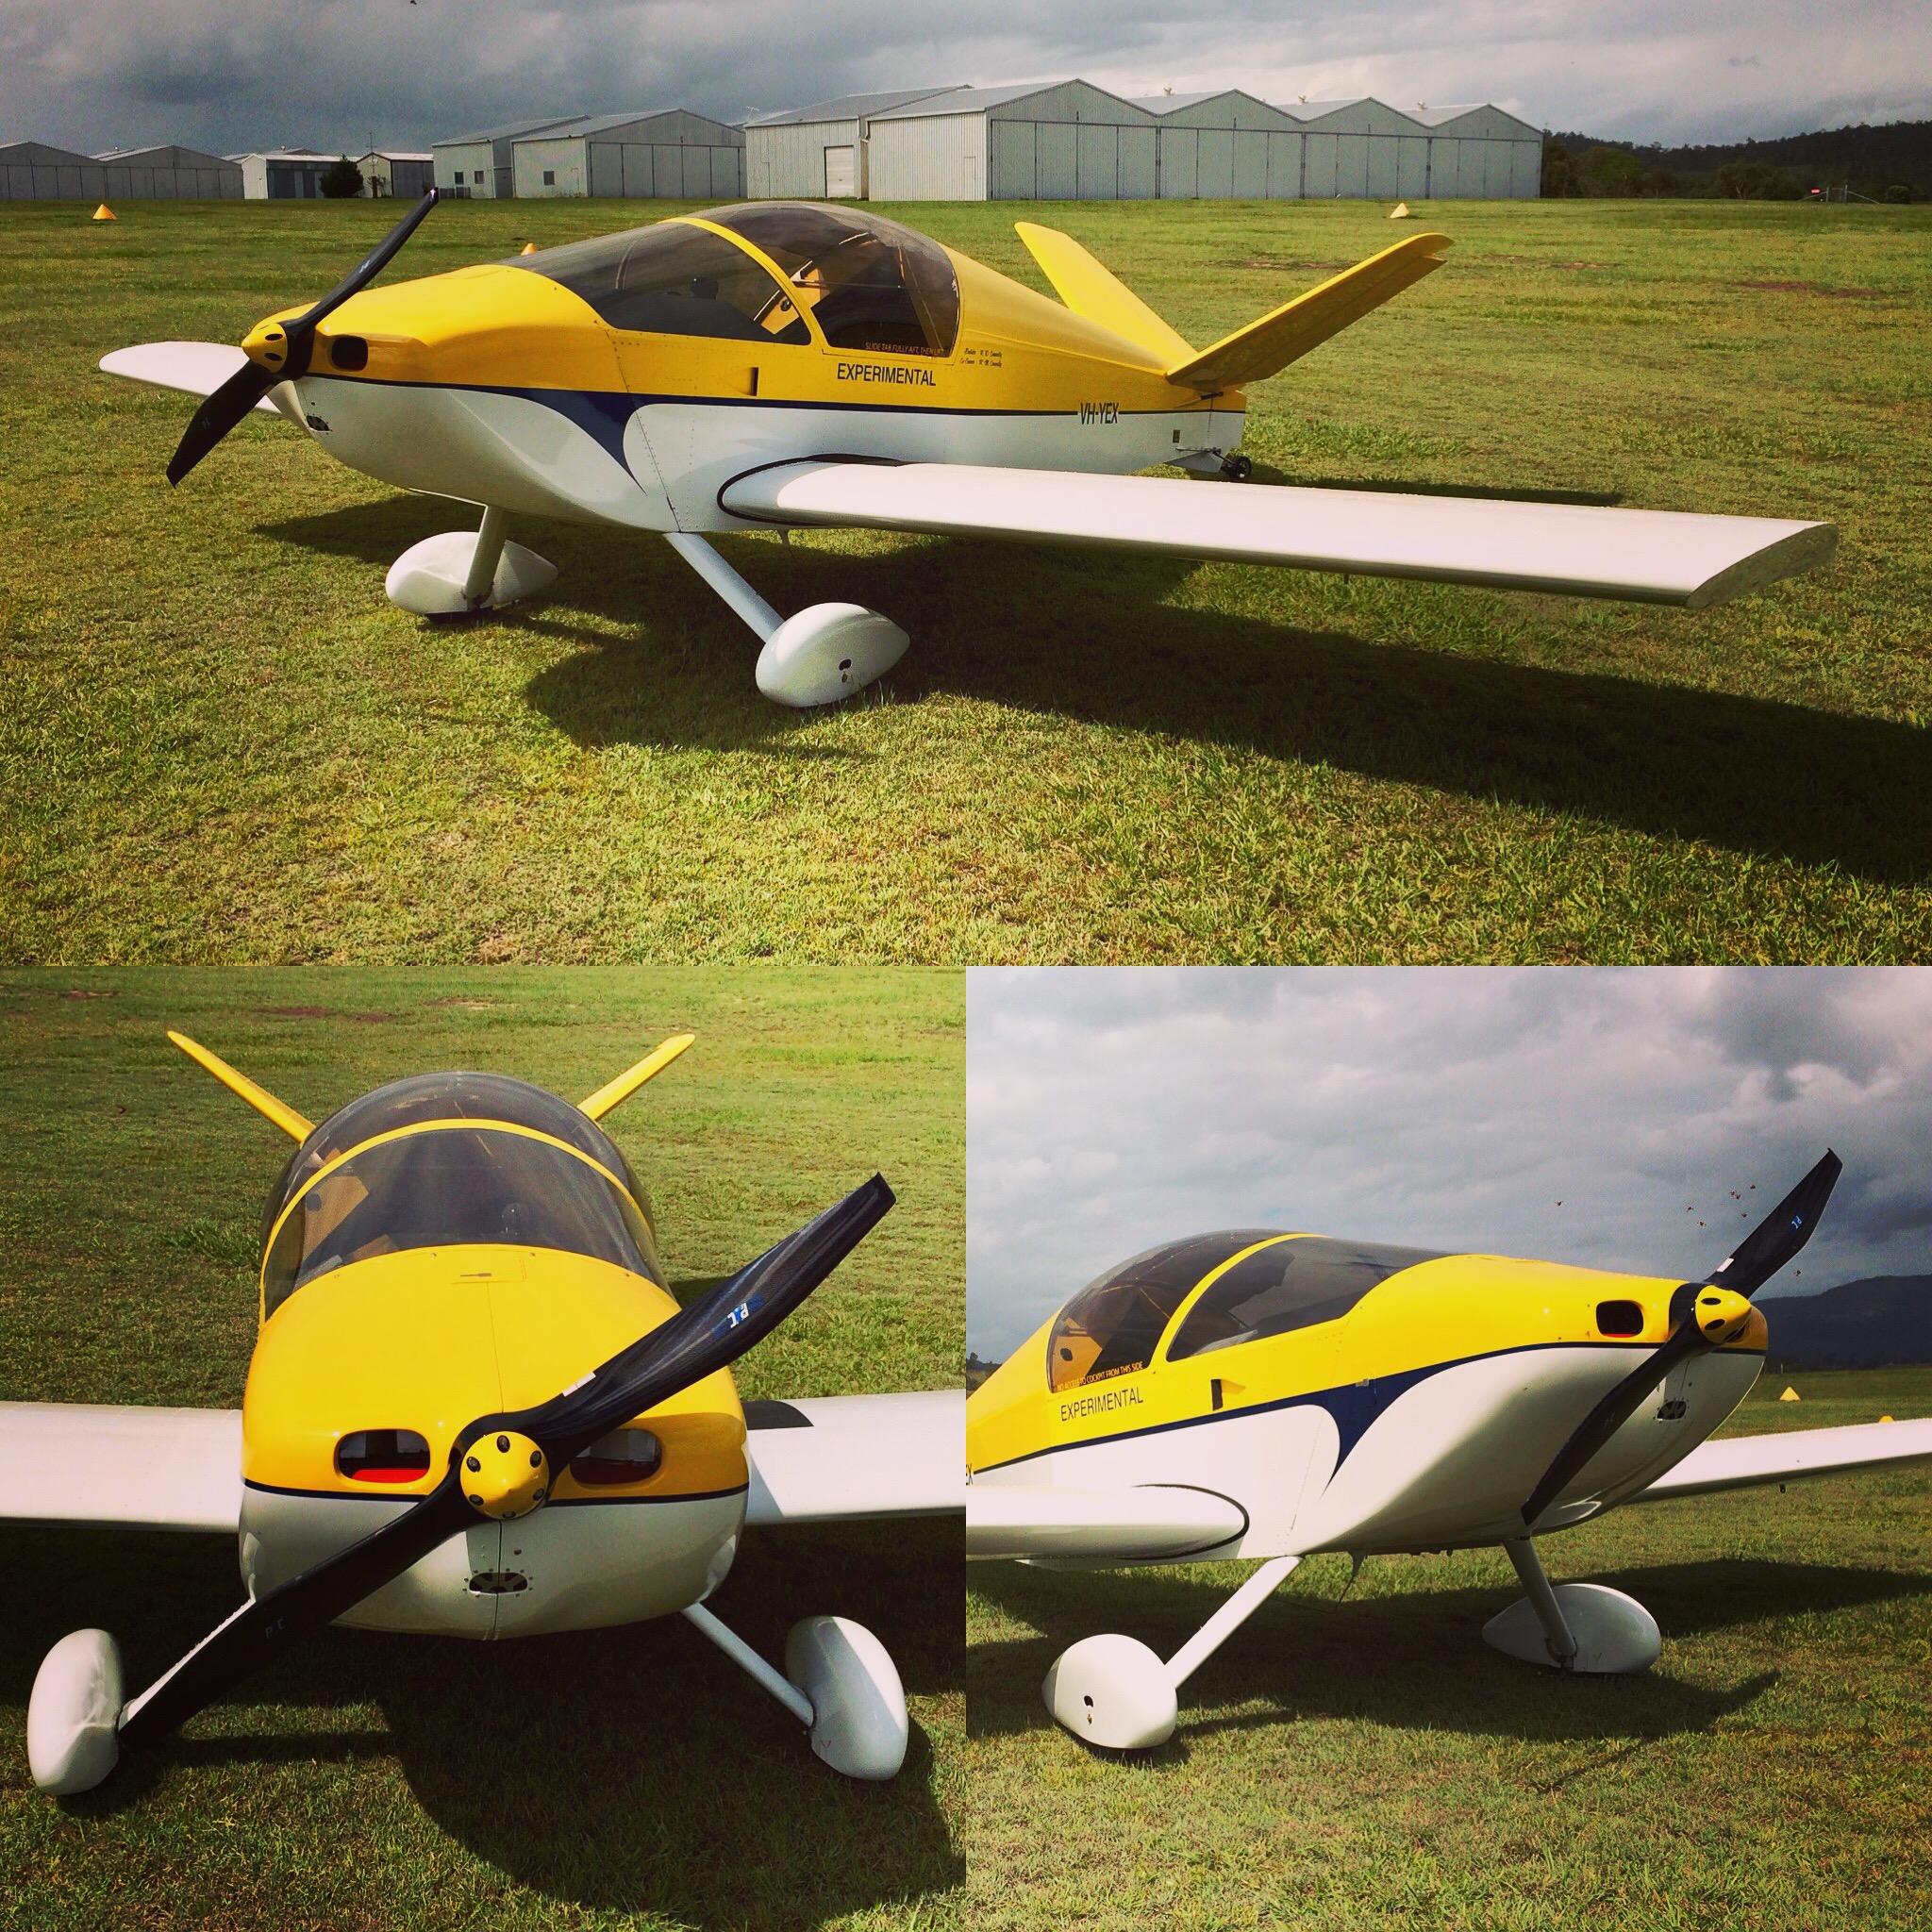 F181C2A0-72D6-4DF7-B781-D4FF8F05C746.jpeg